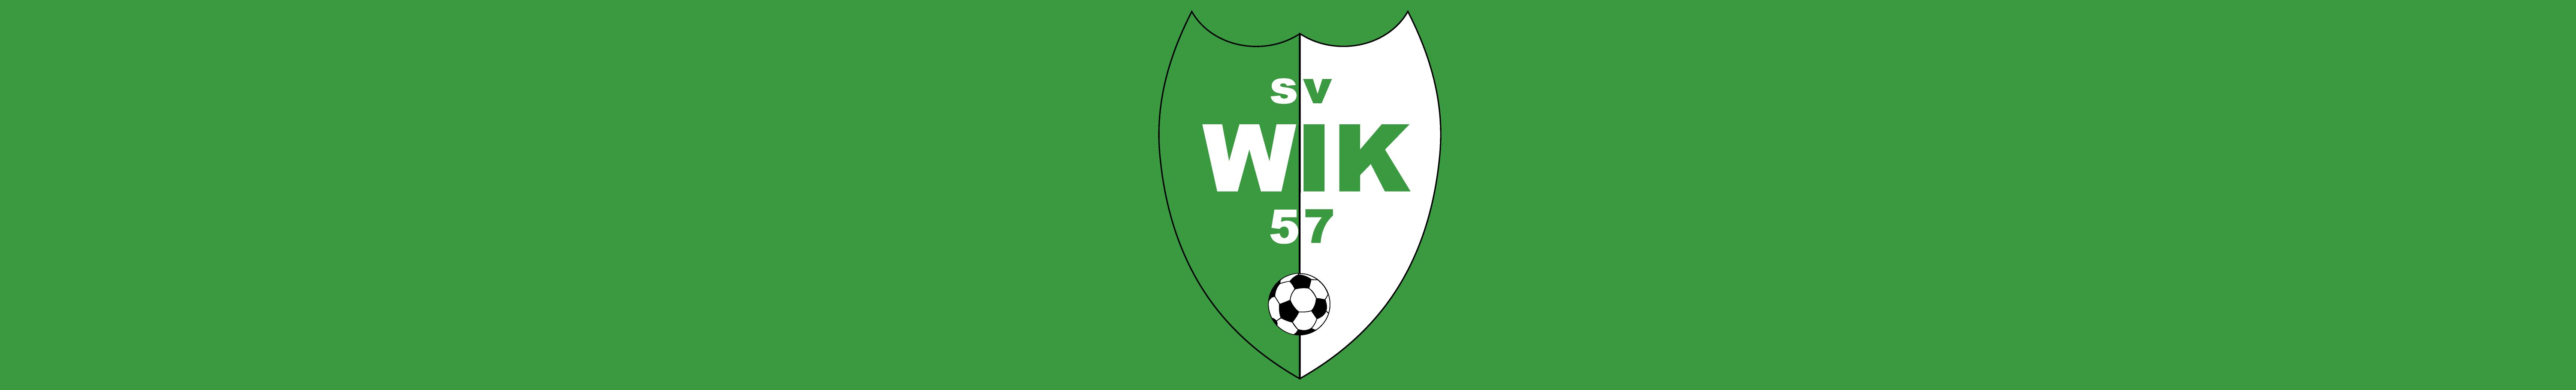 WIK 57